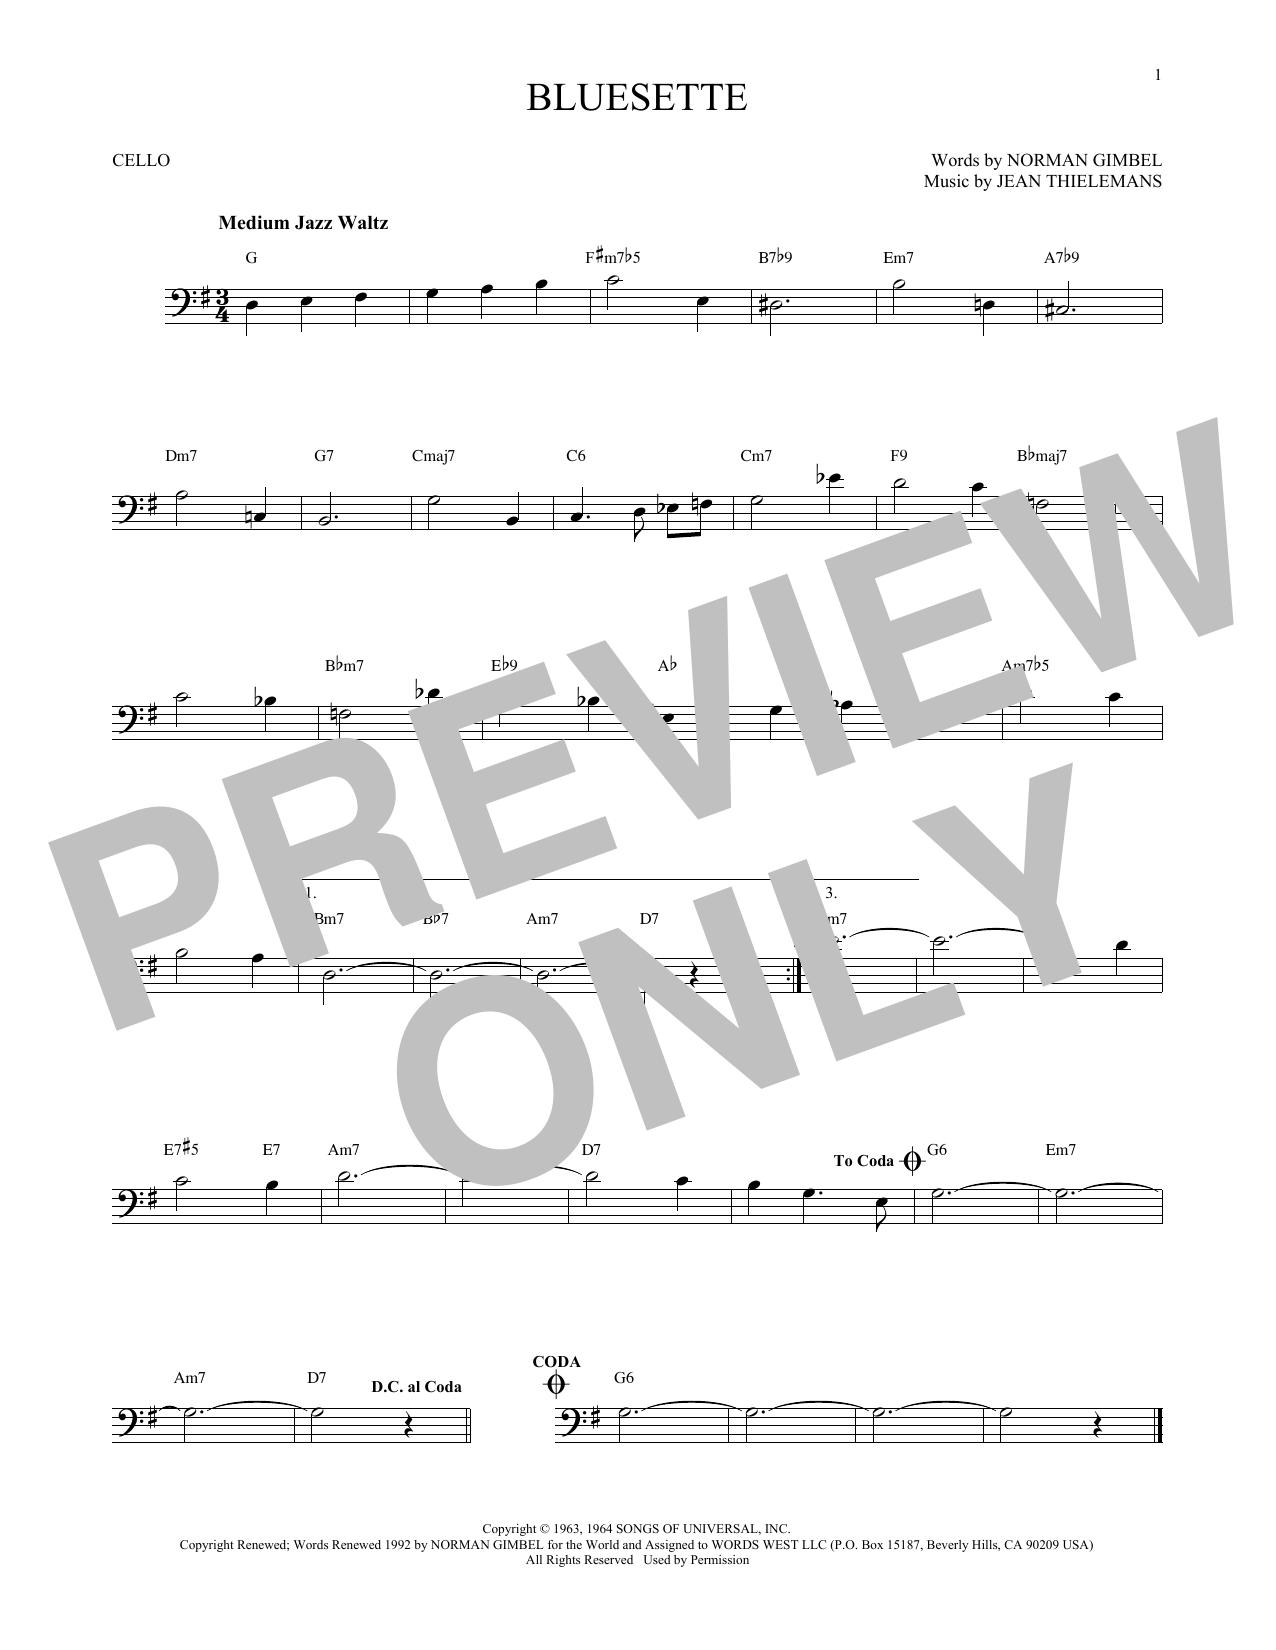 Bluesette (Cello Solo)